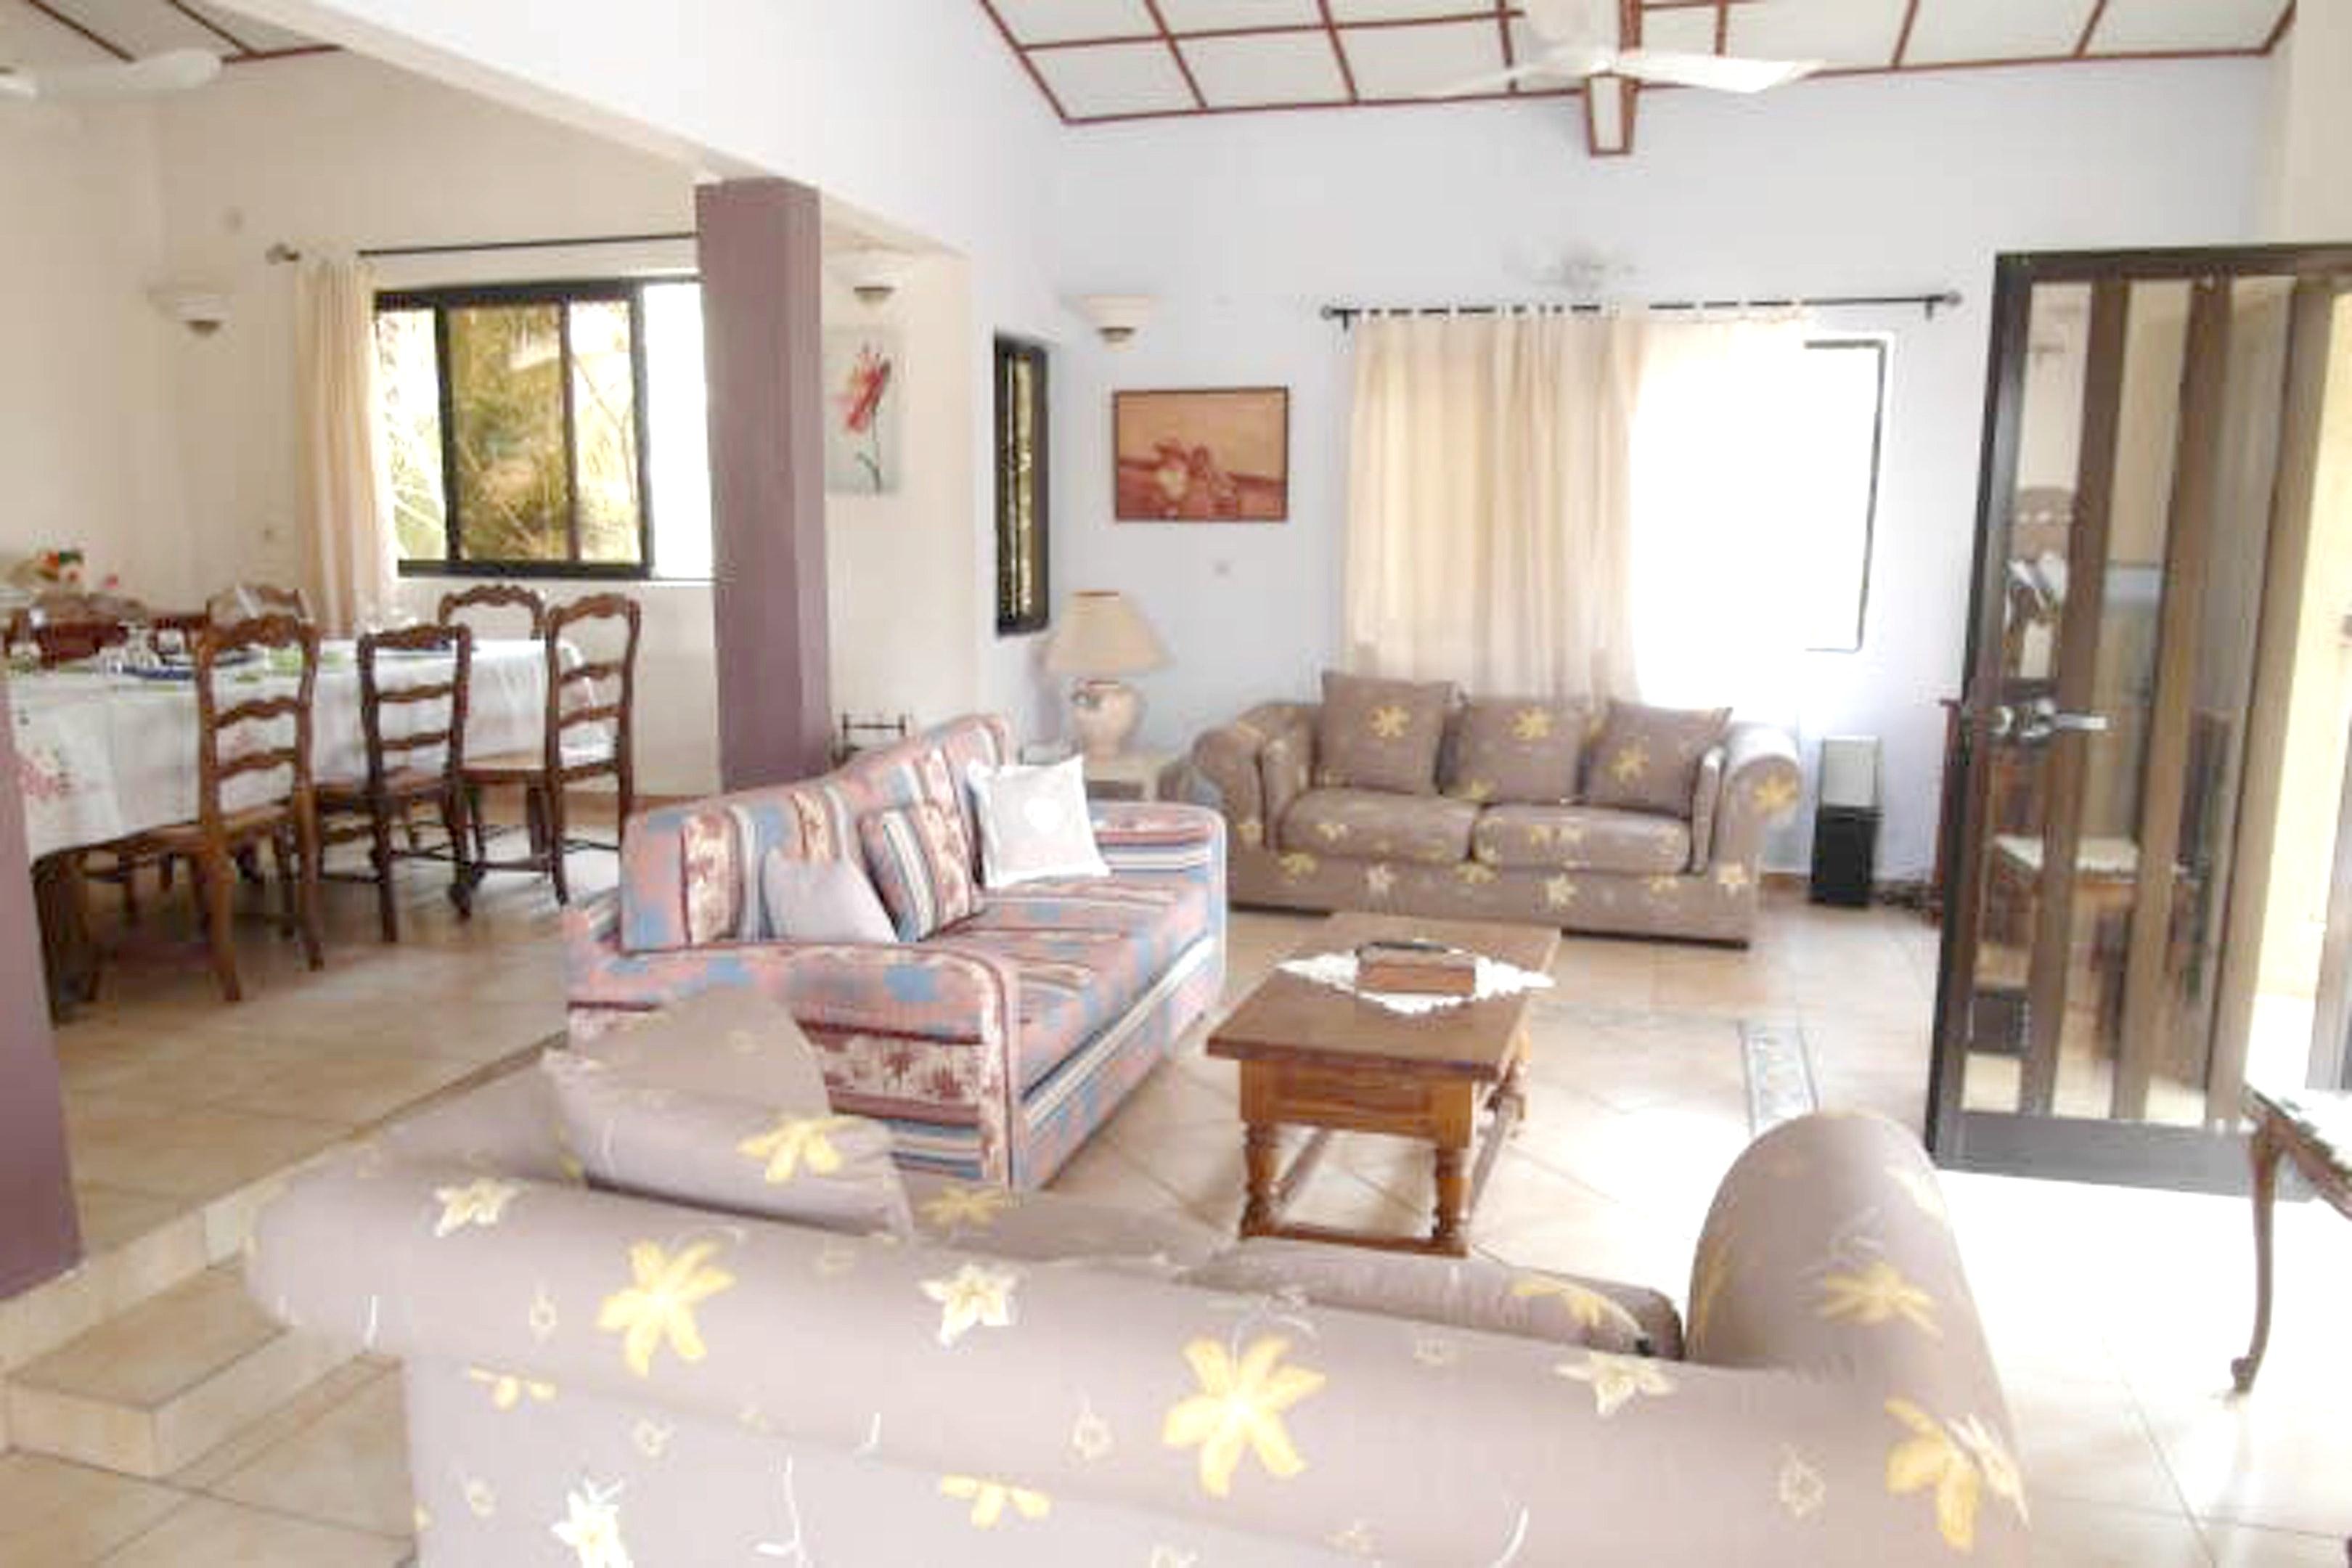 Haus mit 4 Schlafzimmern in Grand Popo mit herrlic Ferienhaus in Afrika